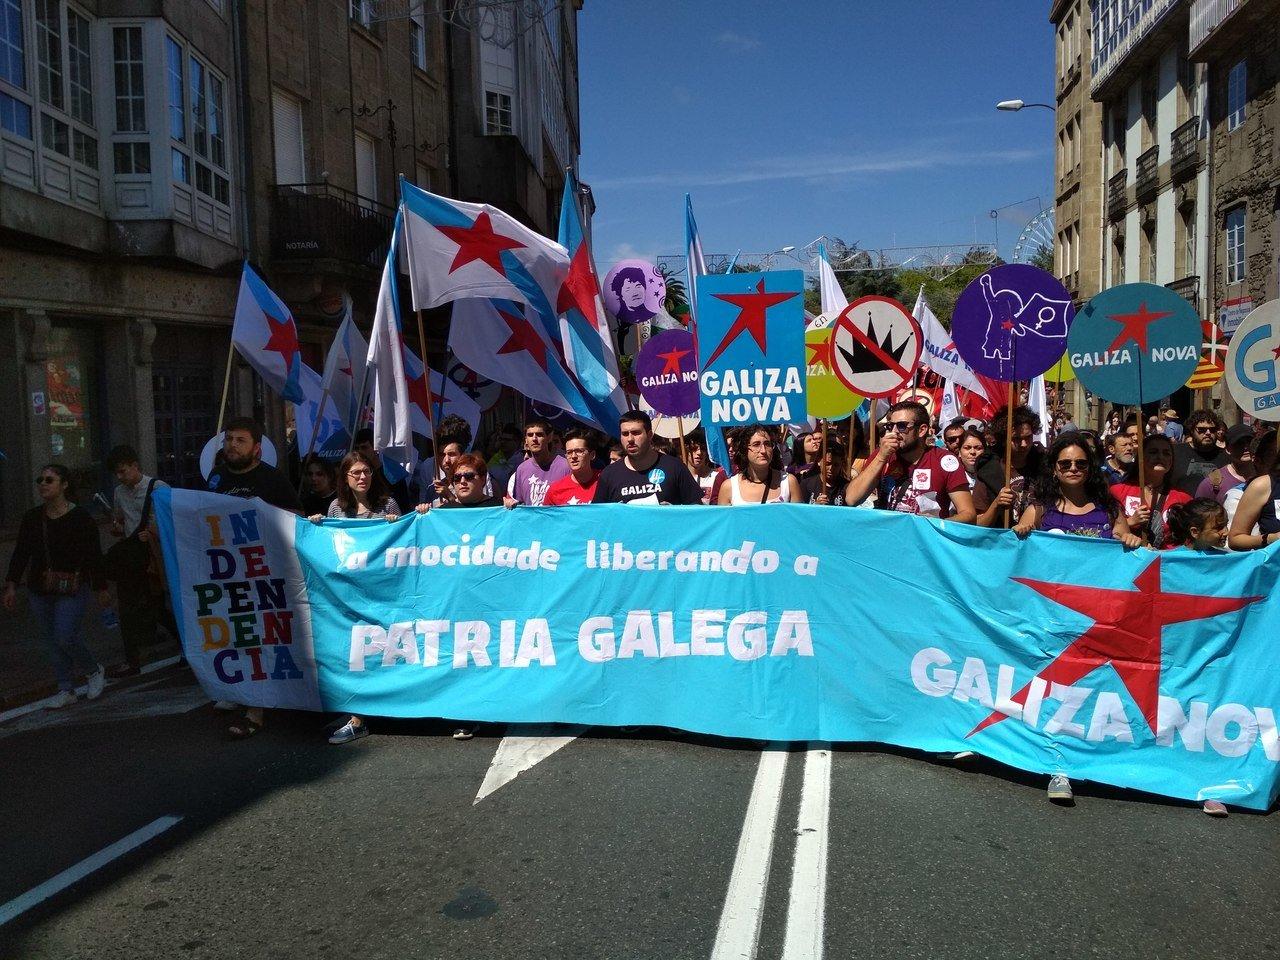 Galiza Nova